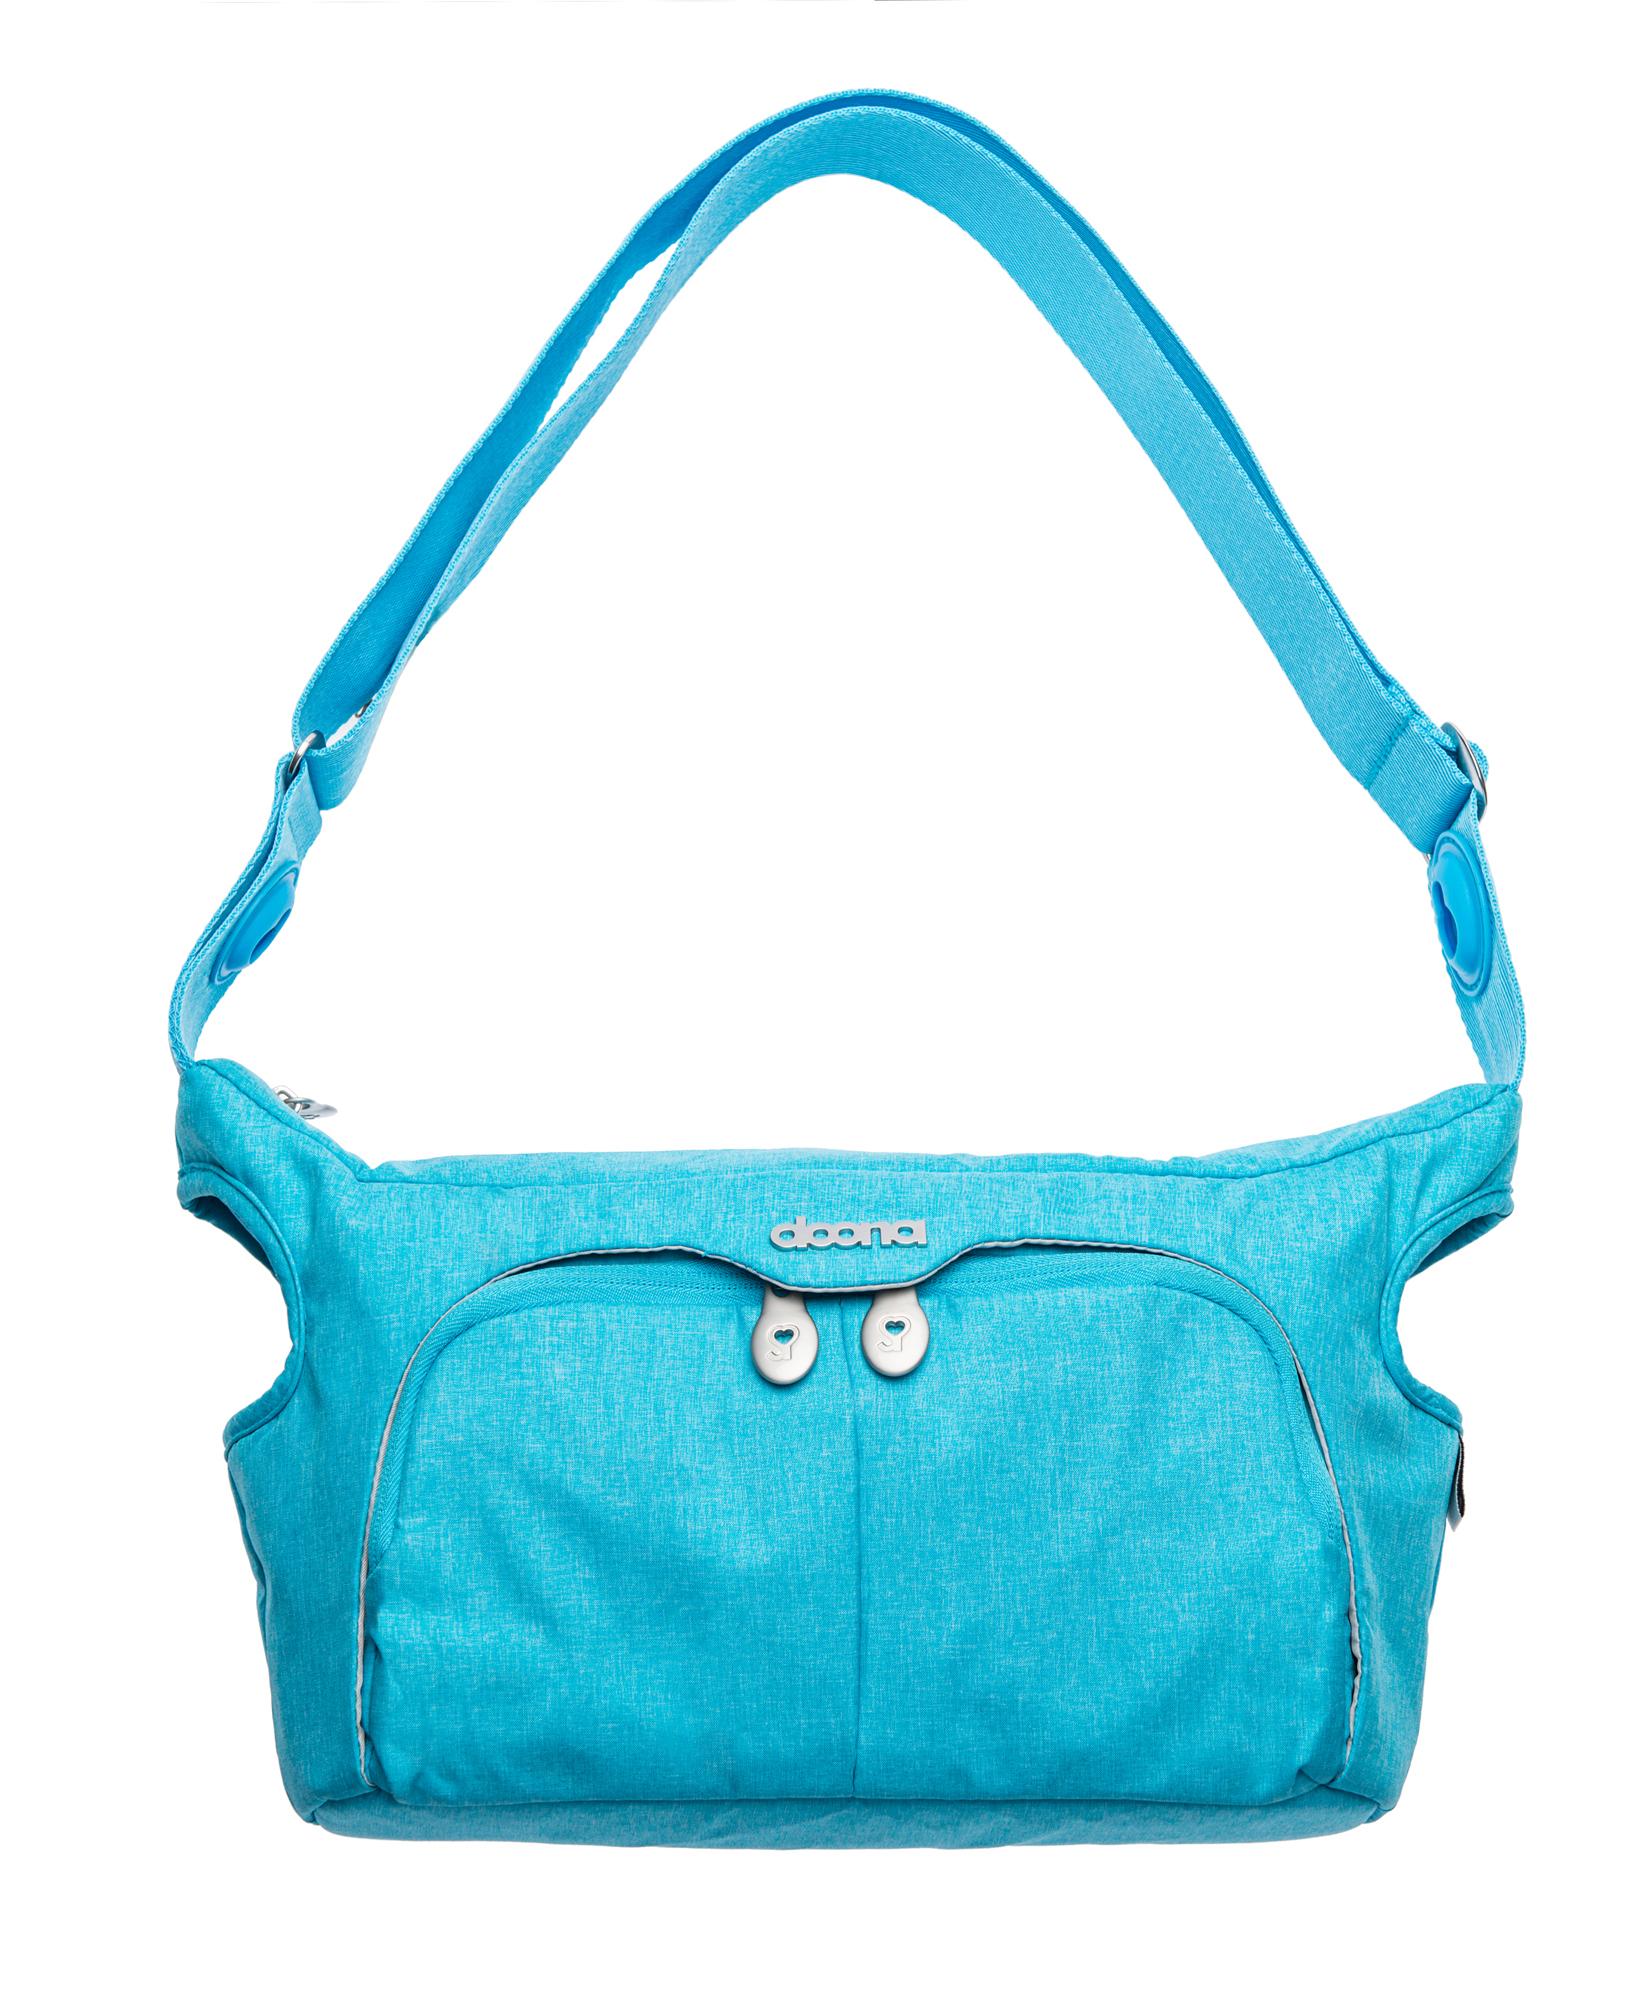 Přebalovací taška, Turquoise